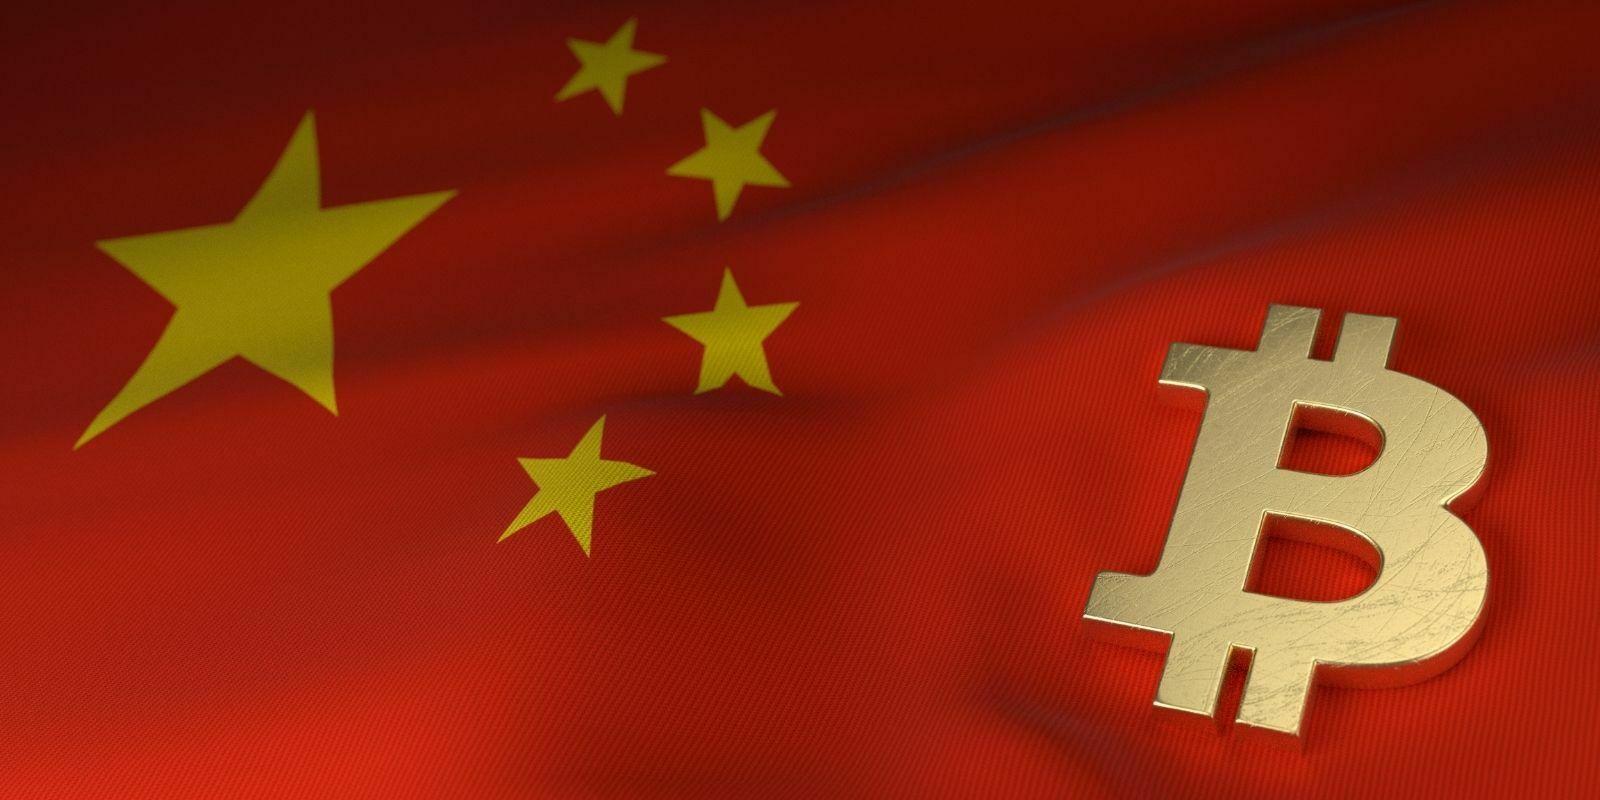 Le Bitcoin (BTC) est-il trop dépendant de la Chine ?